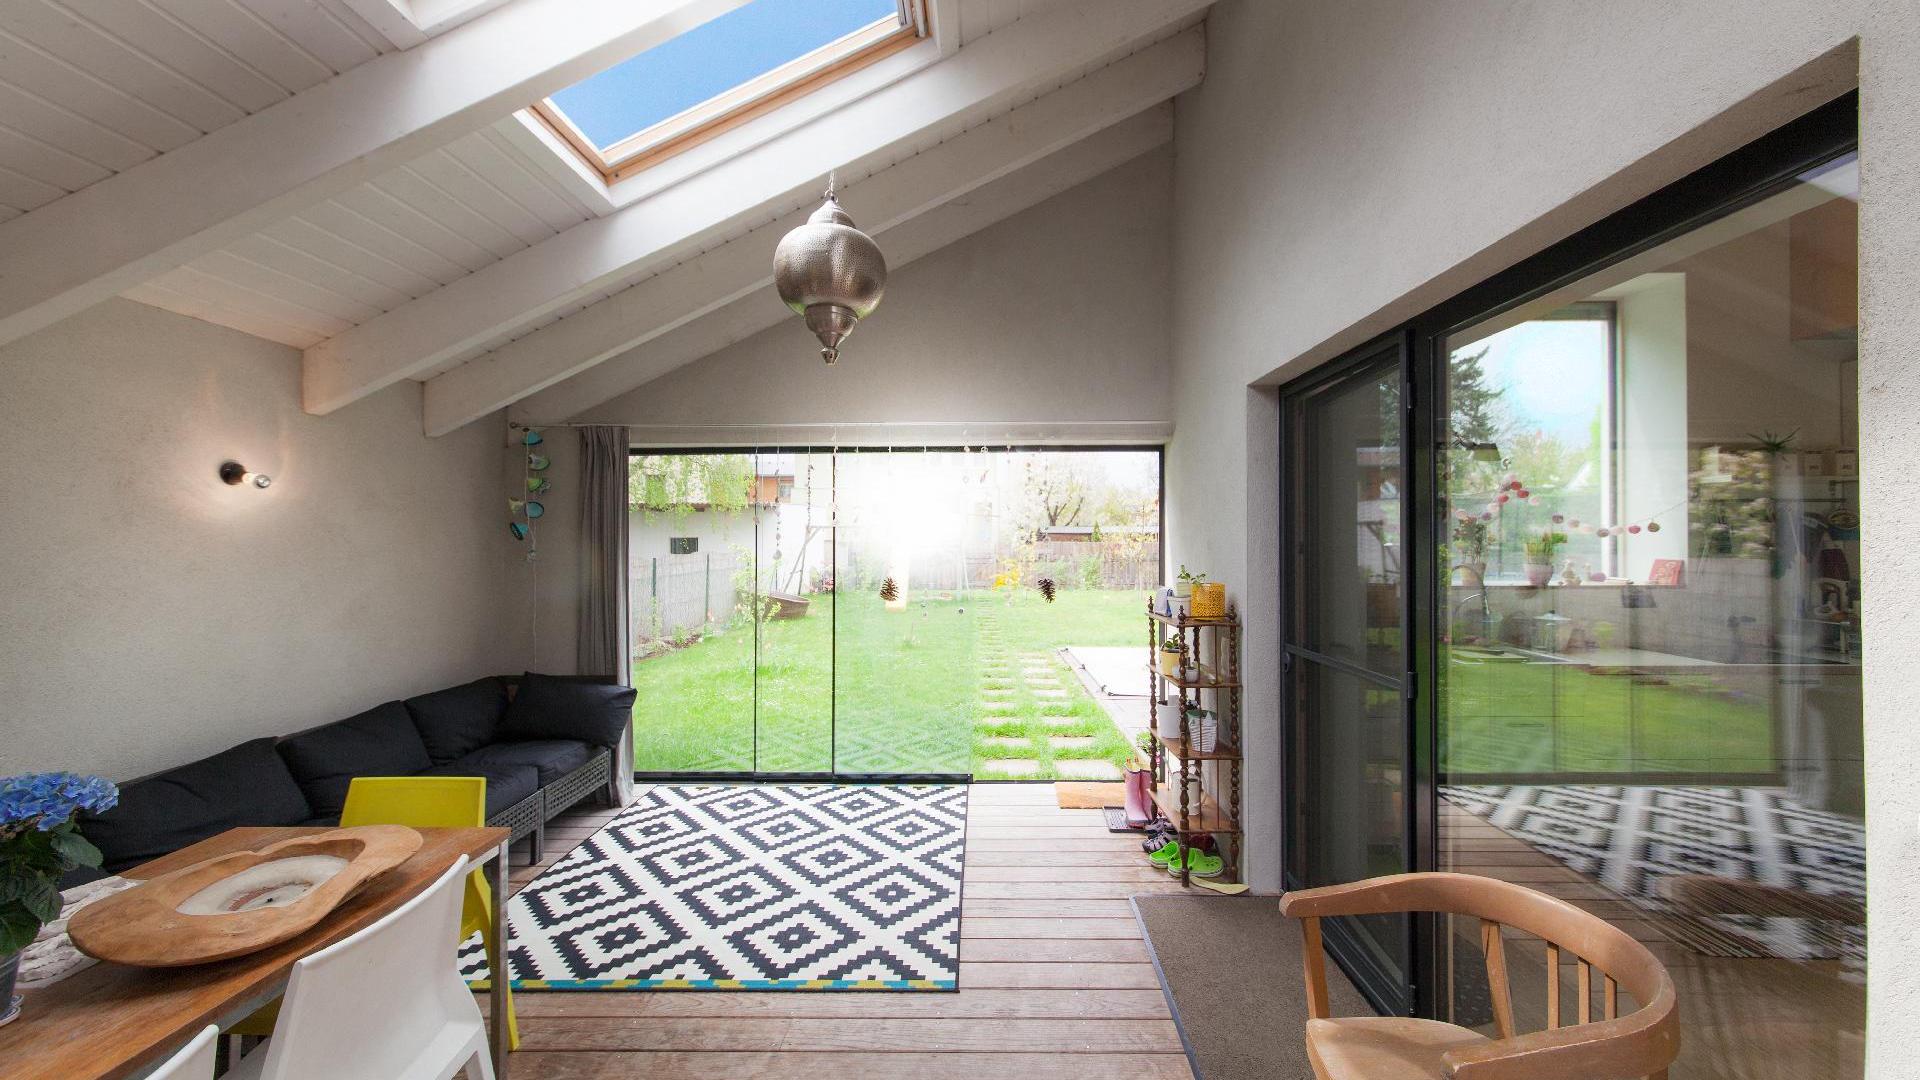 ©Romana Fürnkranz / Laube als Übergangsbereich zwischen Innenhof und Garten